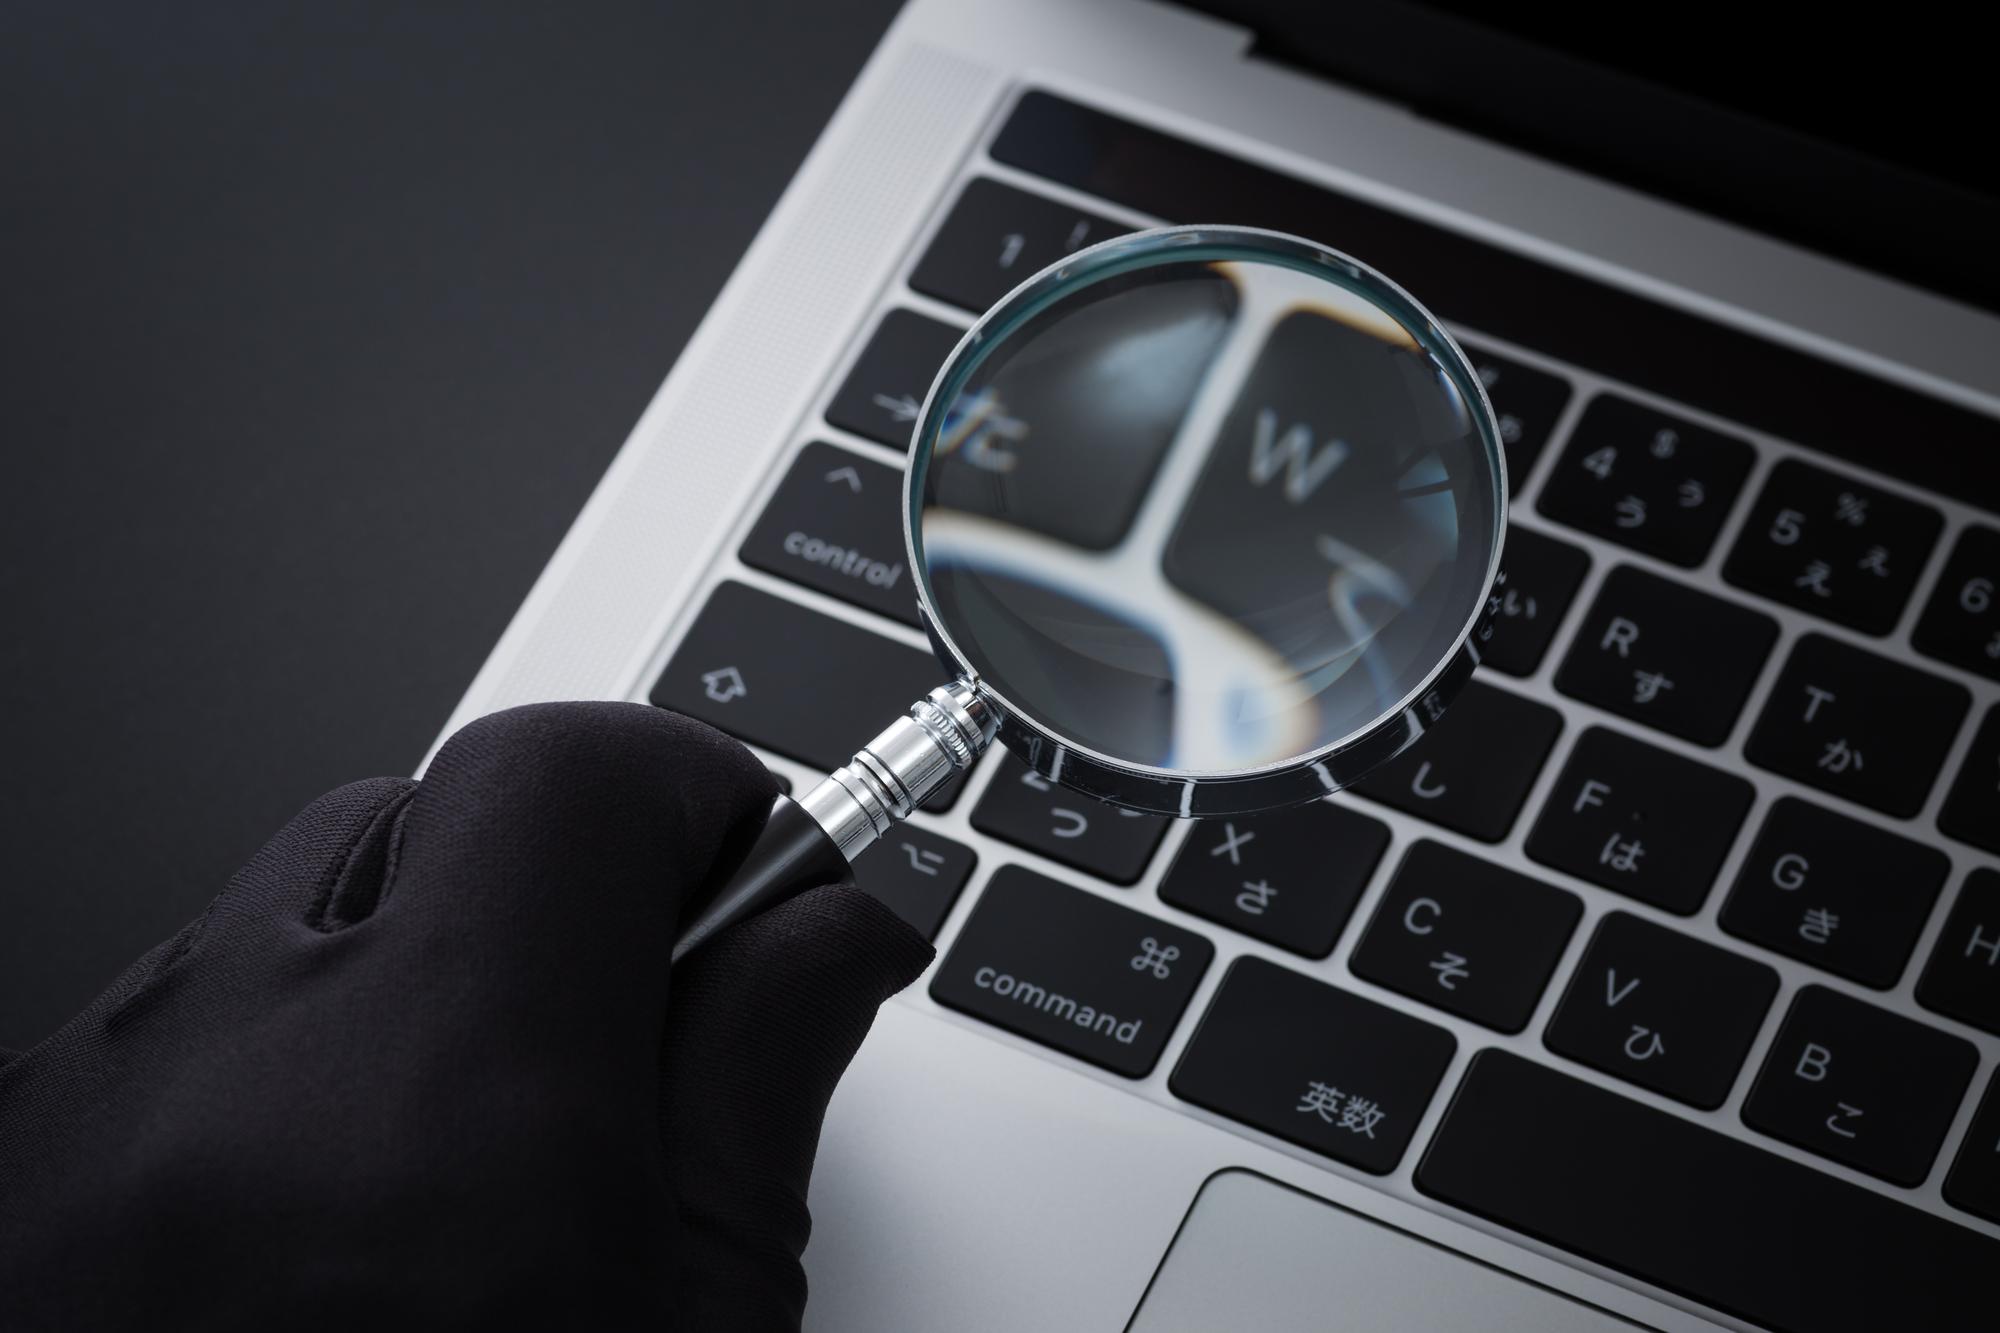 01_パソコンの個人情報流出の原因と対策とは?廃棄時に削除する消去ソフトなども紹介